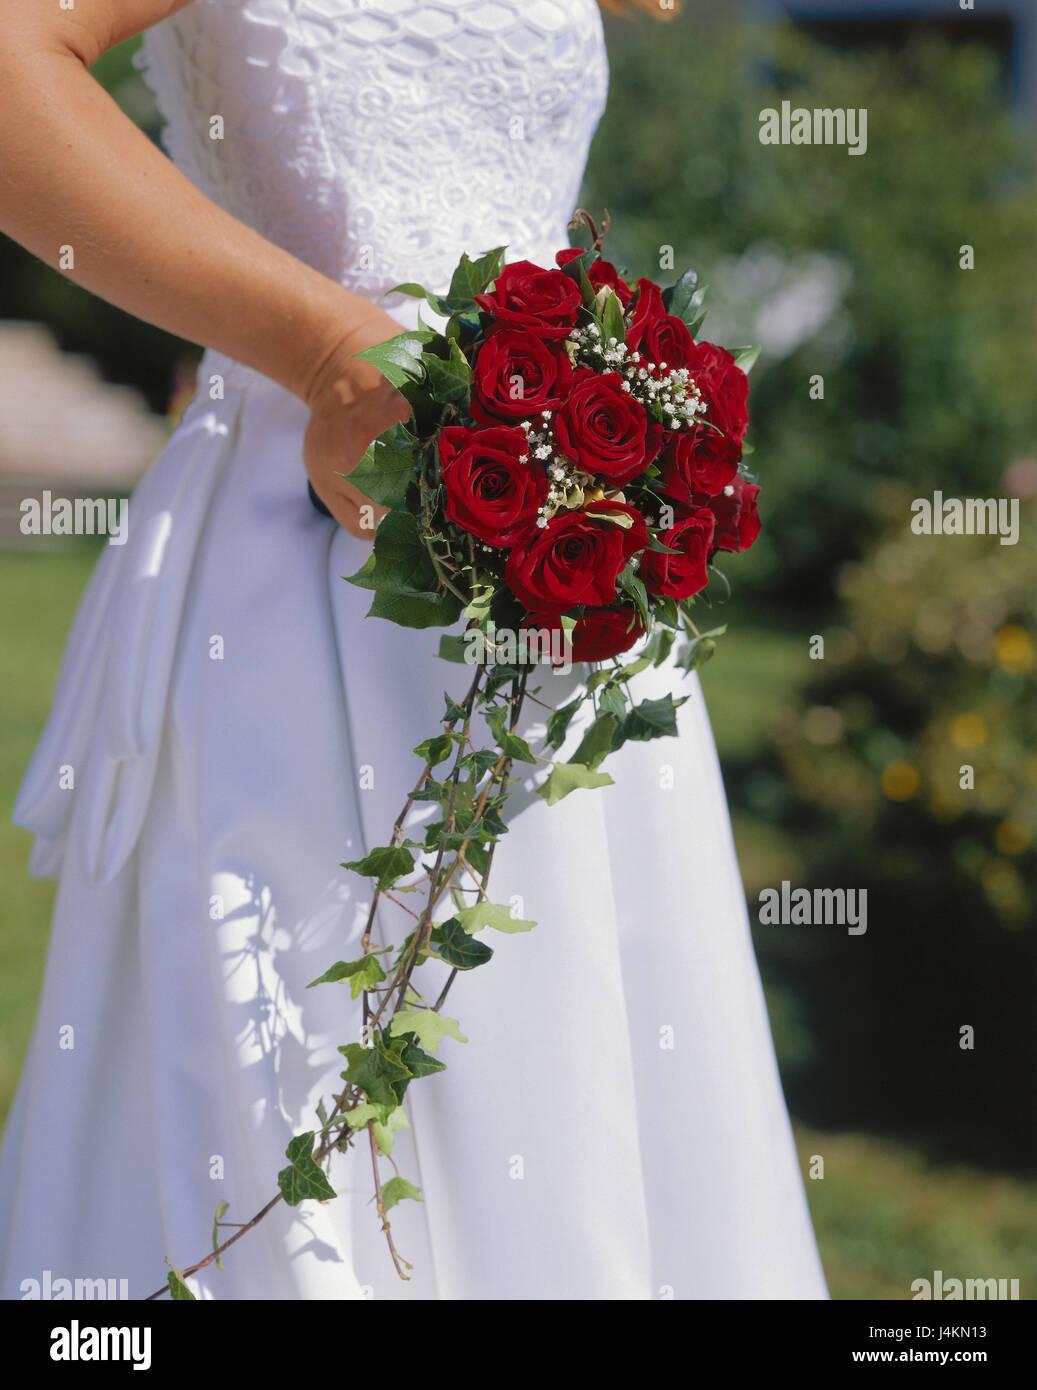 hochzeit braut details brautstrau rosen rote anlass fest feier event heiraten ehe. Black Bedroom Furniture Sets. Home Design Ideas